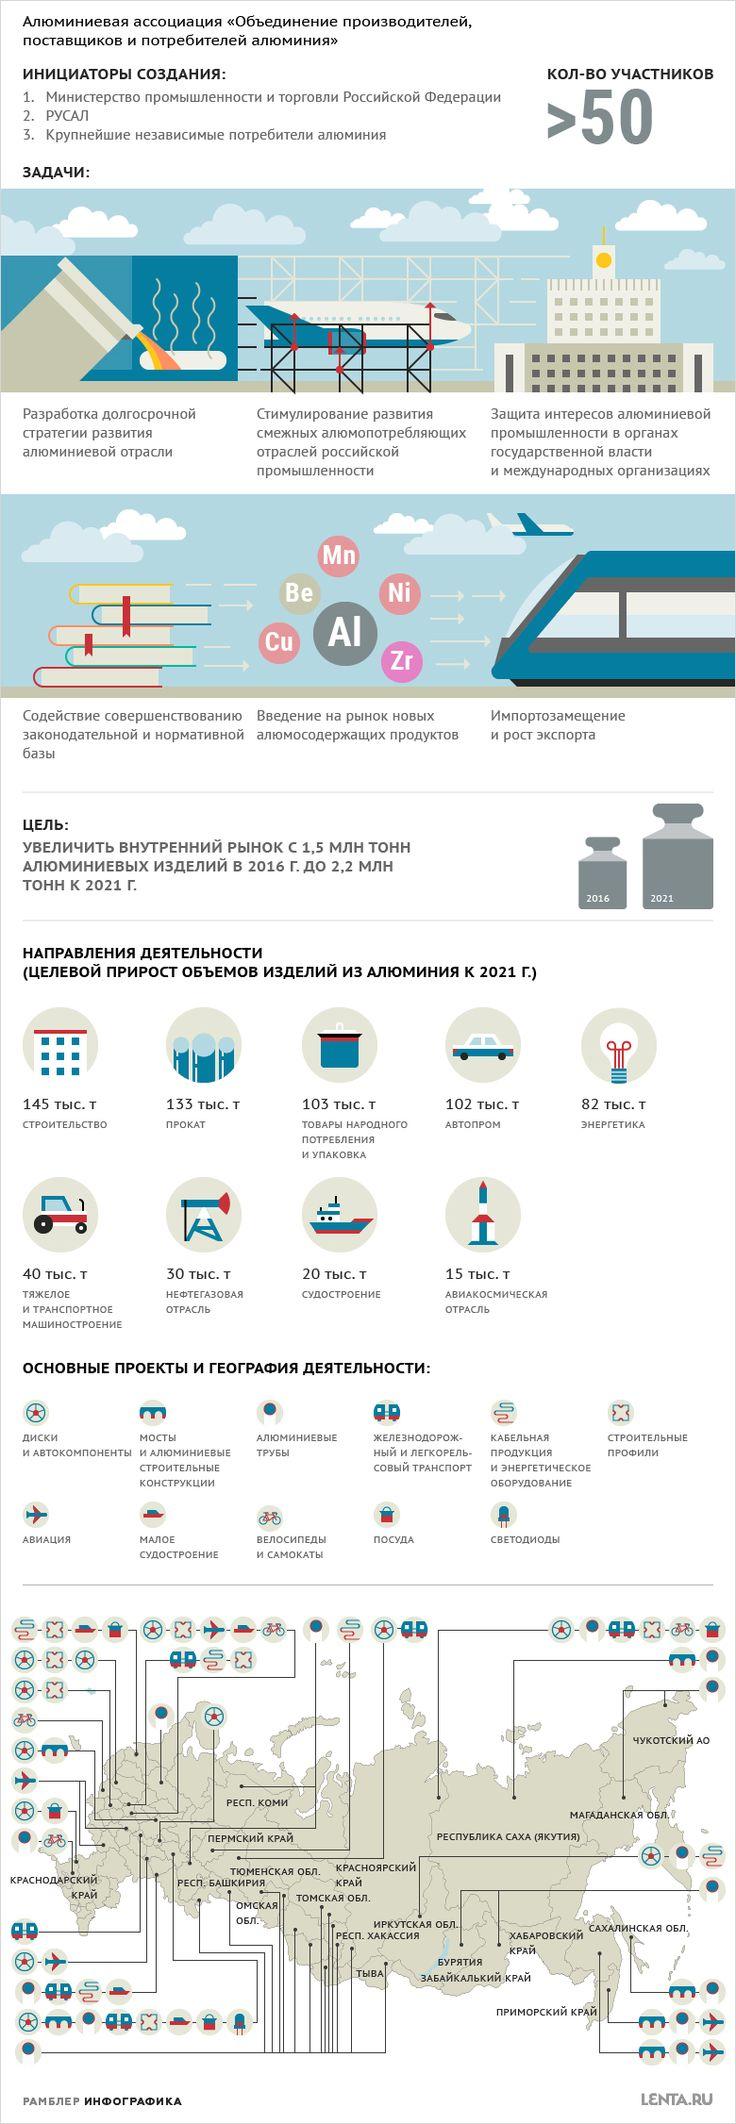 Как развивается алюминиевая отрасль России